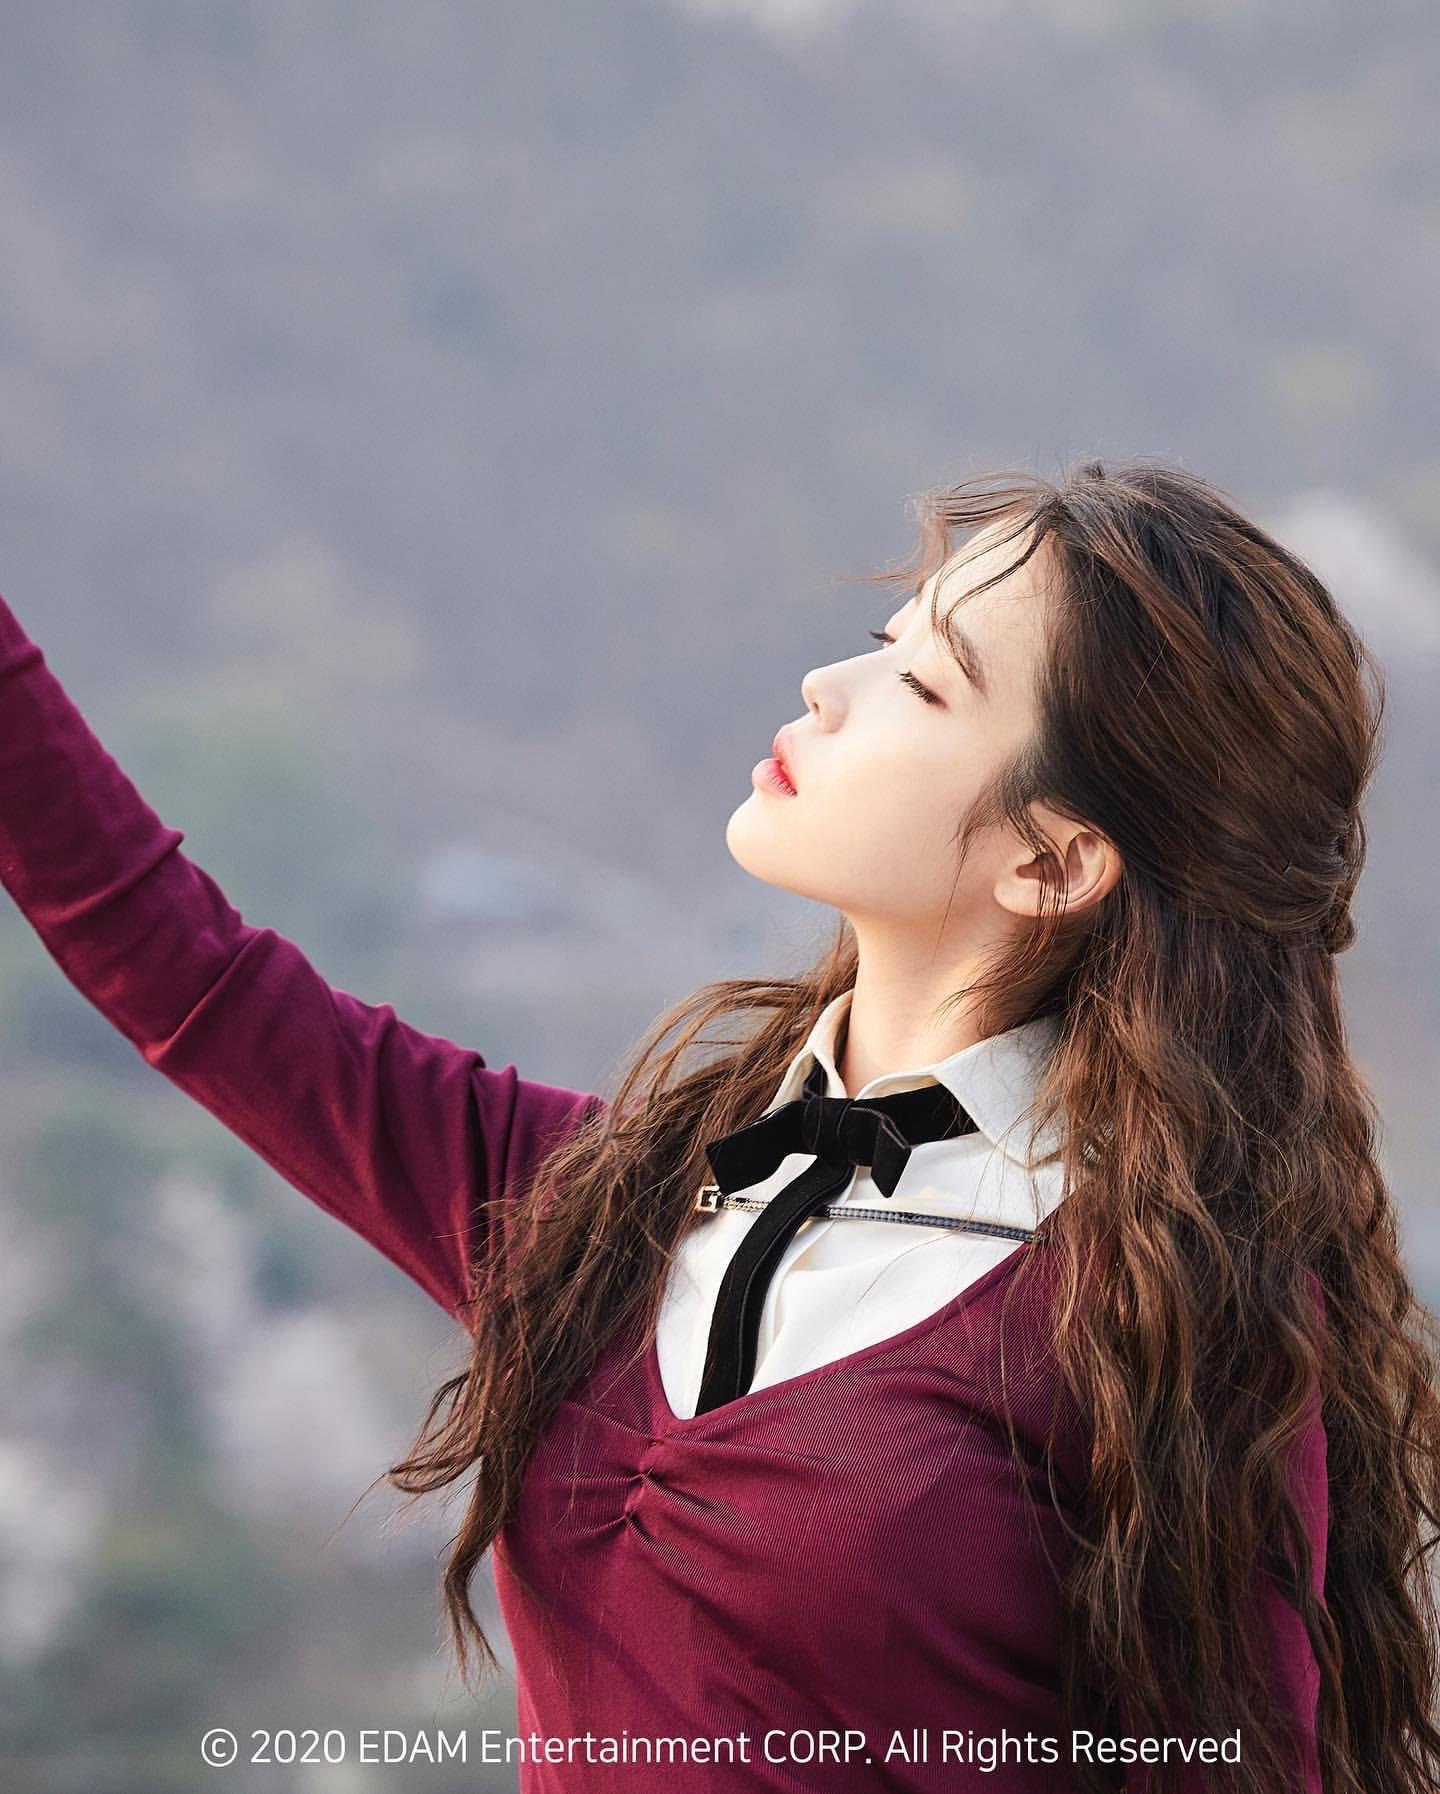 ca sĩ IU mặc áo len tím, thắt nơ đen trong mv eight